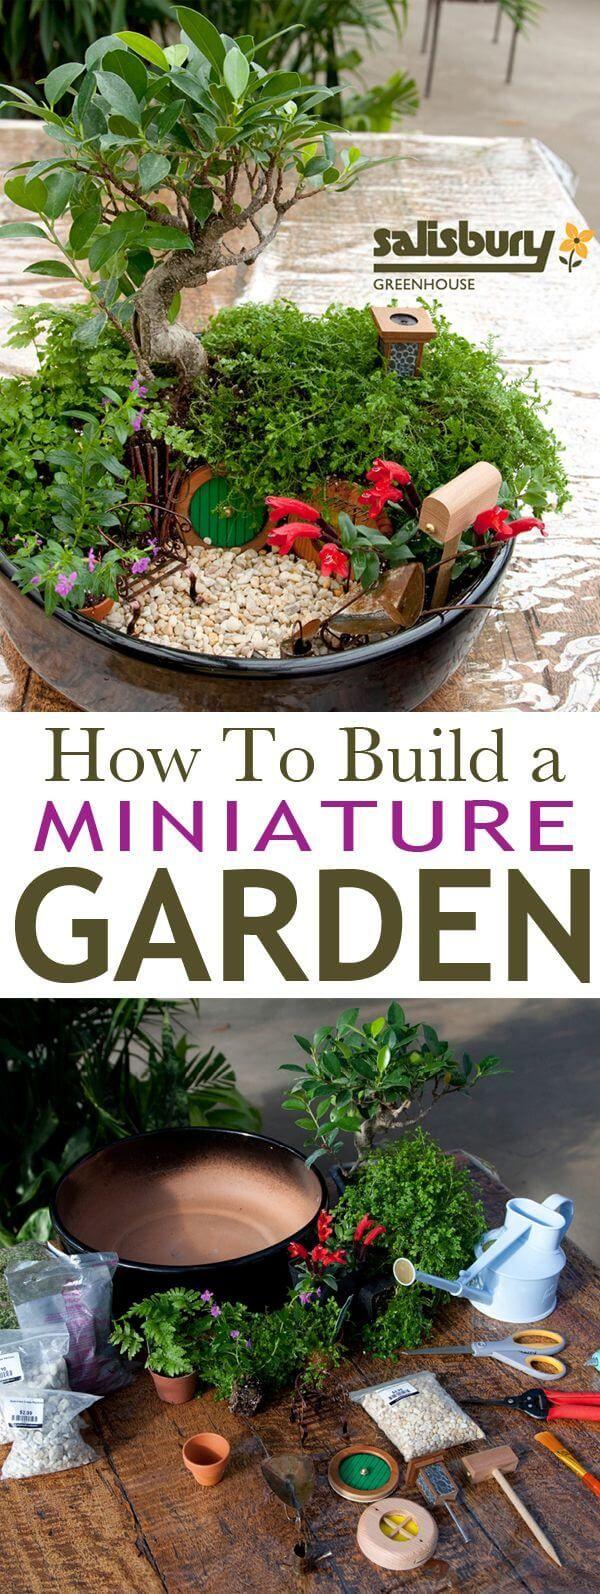 38 fabelhafte DIY Fairy Garden Ideen und Zubehör, um etwas Magie zu Ihnen nach Hause hinzuzufügen